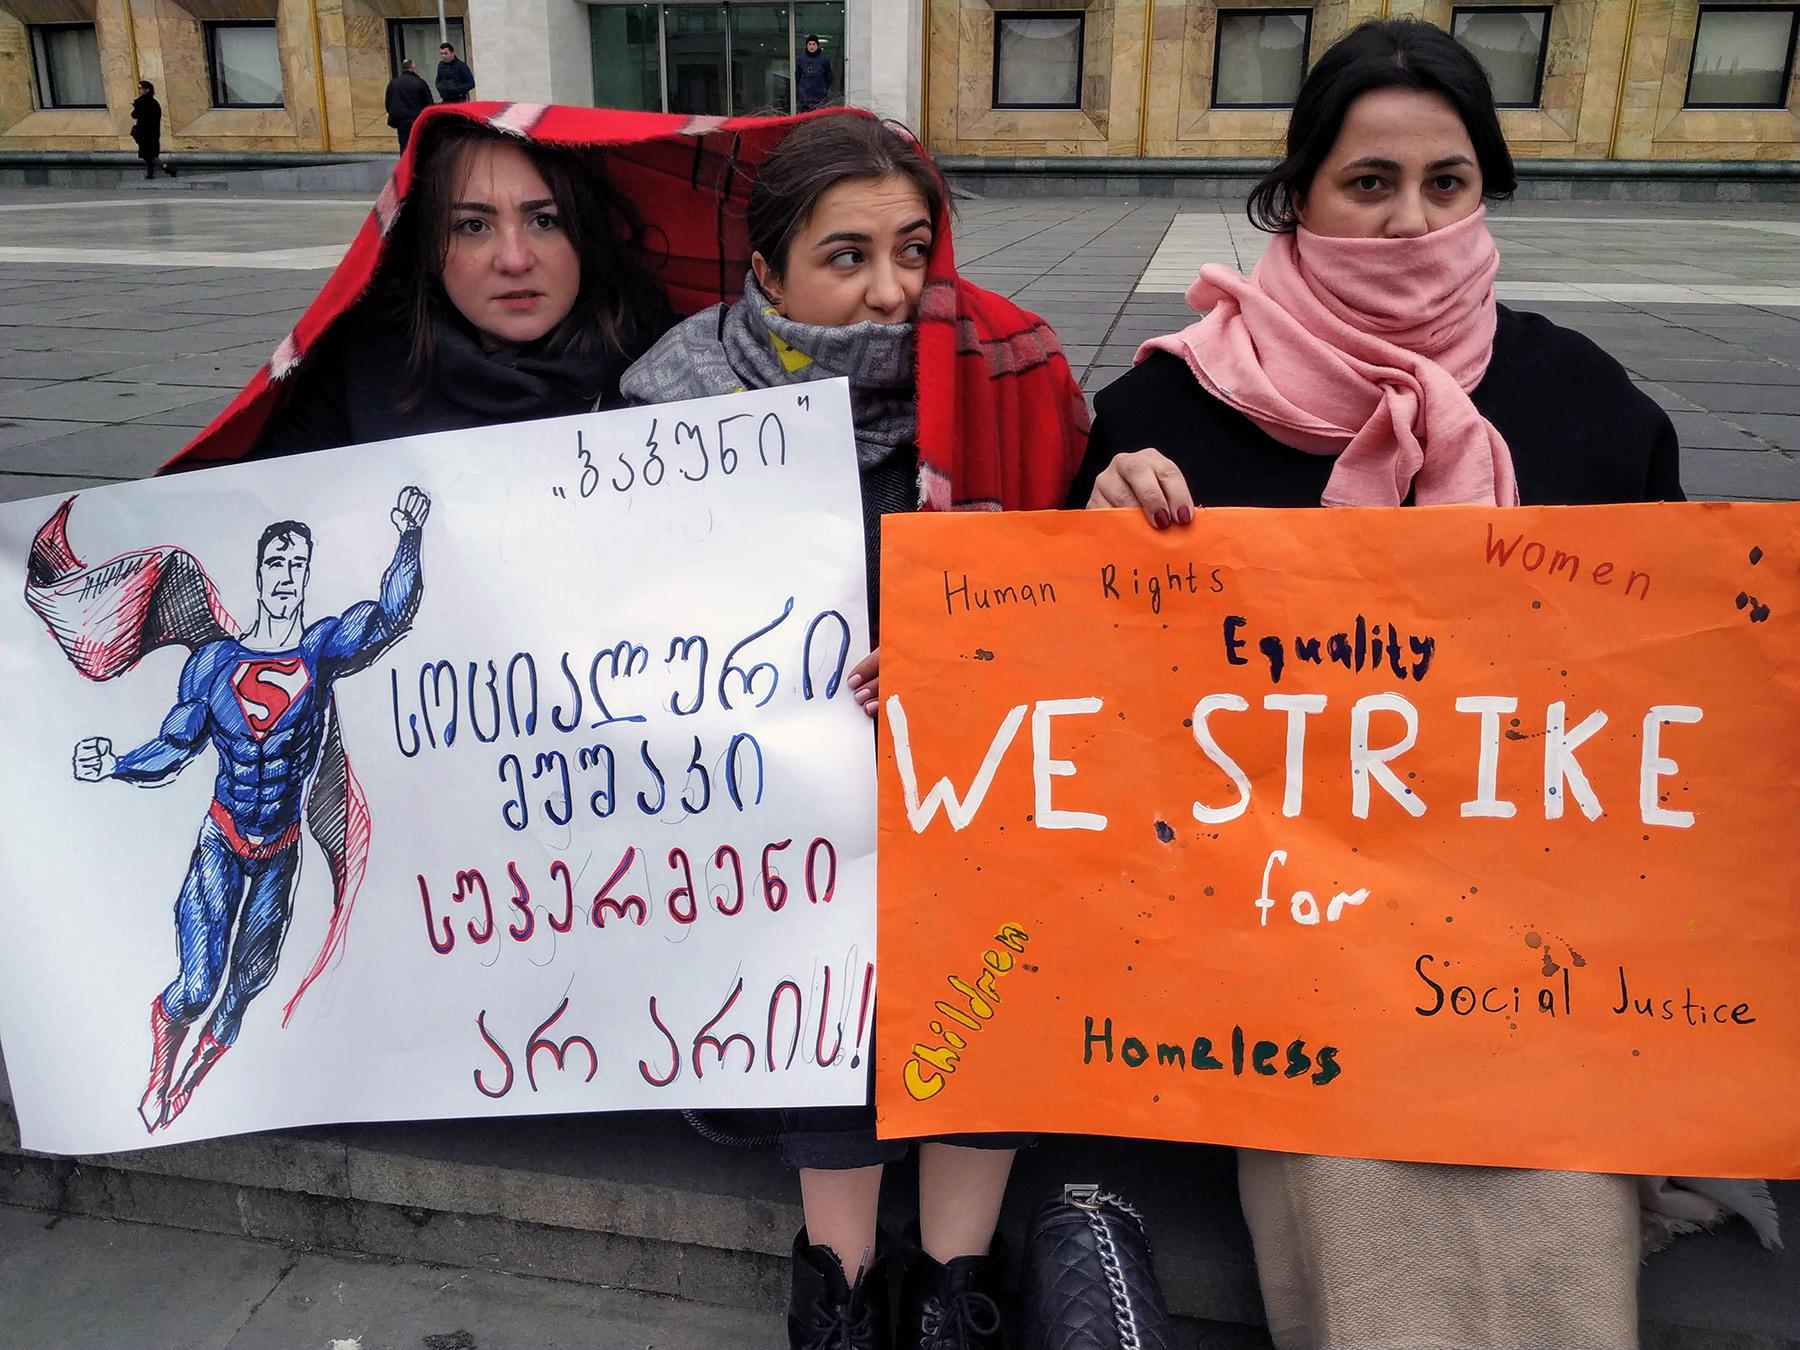 Социальные работницы протестуют перед Канцелярией правительства в марте 2019 года. На плакате слева написано: «Социальные работники не супермены!» Фото: Шота Хинча/OC Media.